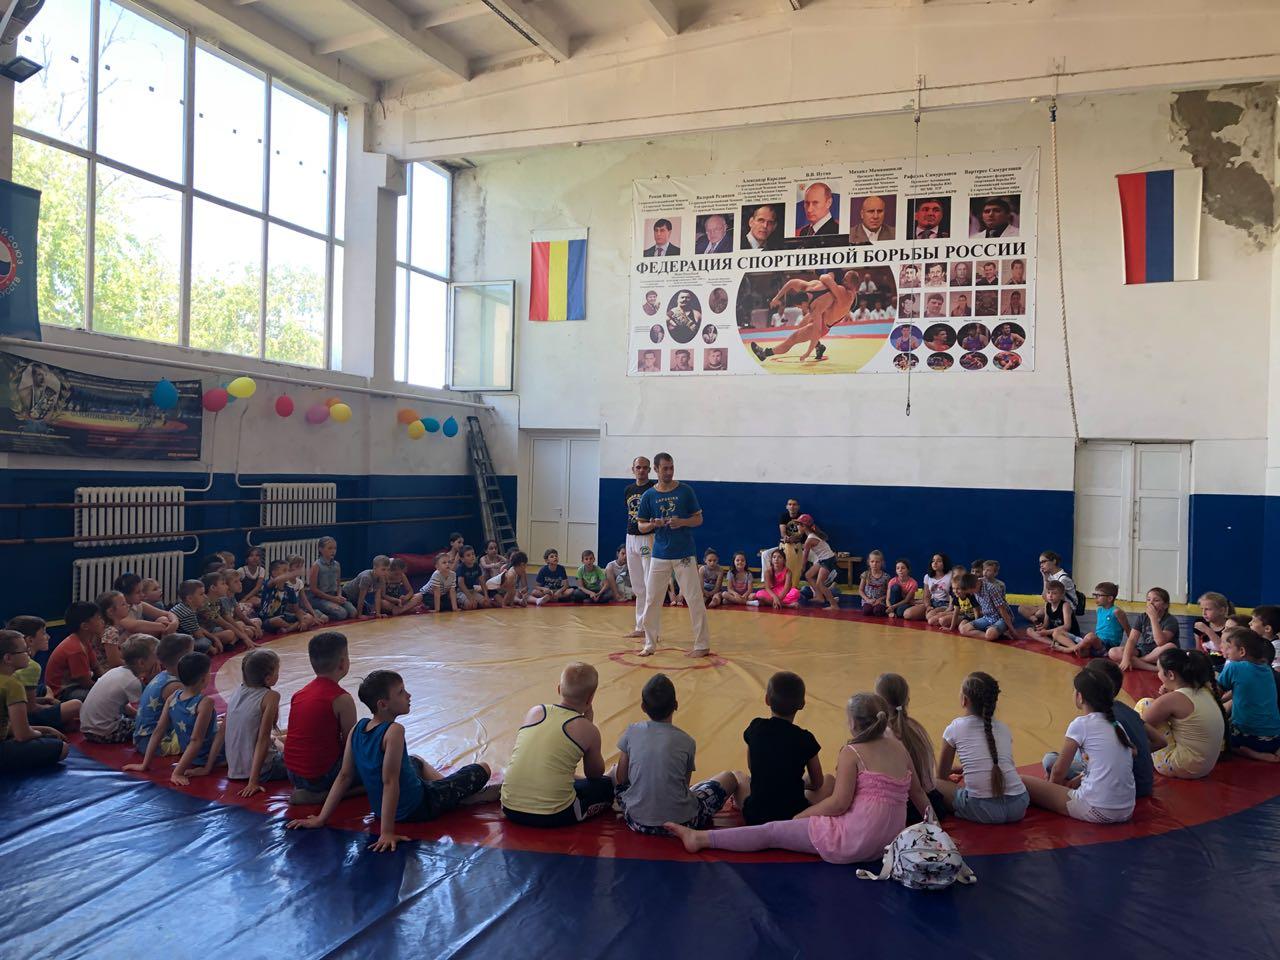 мастер-класс по Капоэйре для школьников в Батайске